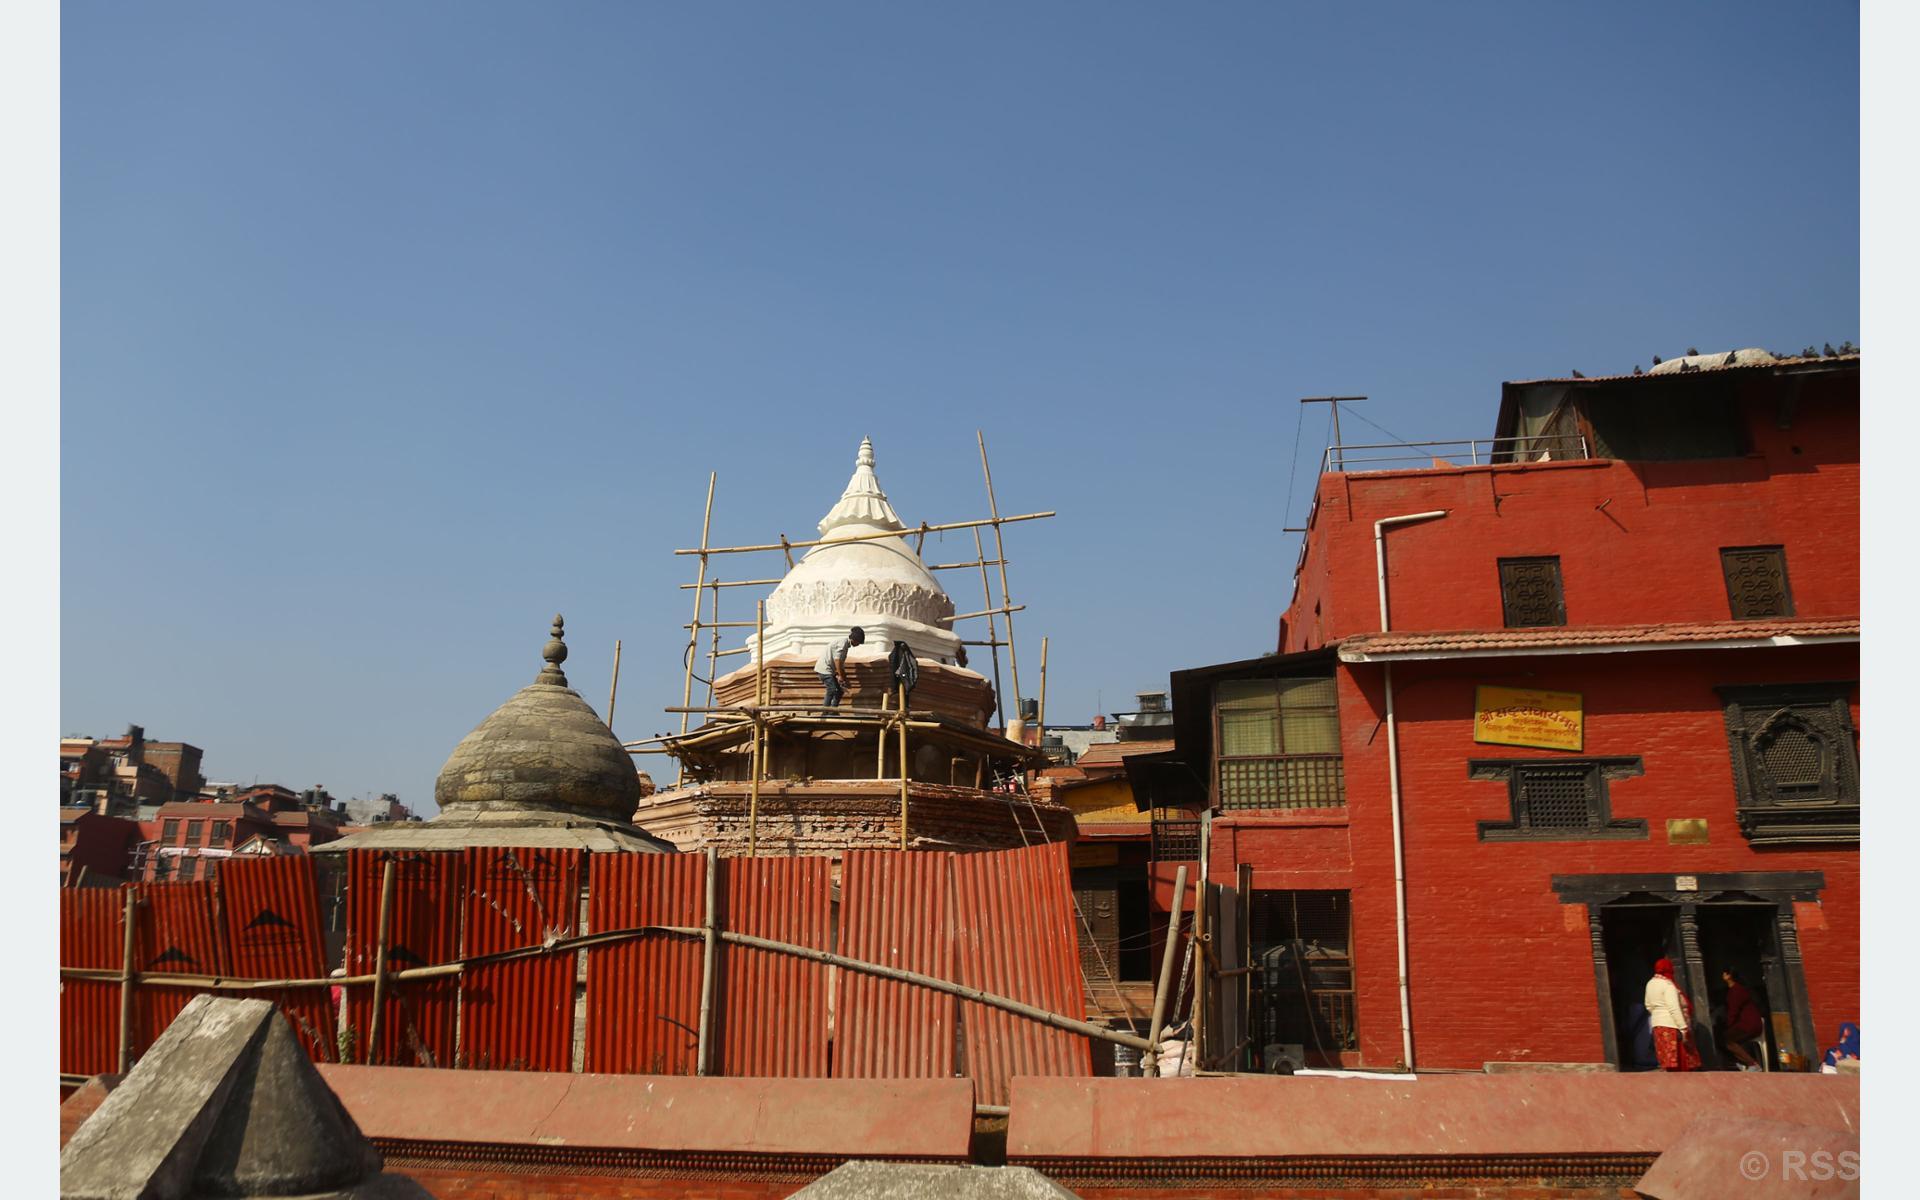 पशुुपतिनाथ मन्दिर परिसरमा पुुनःनिर्माण गरिँदै